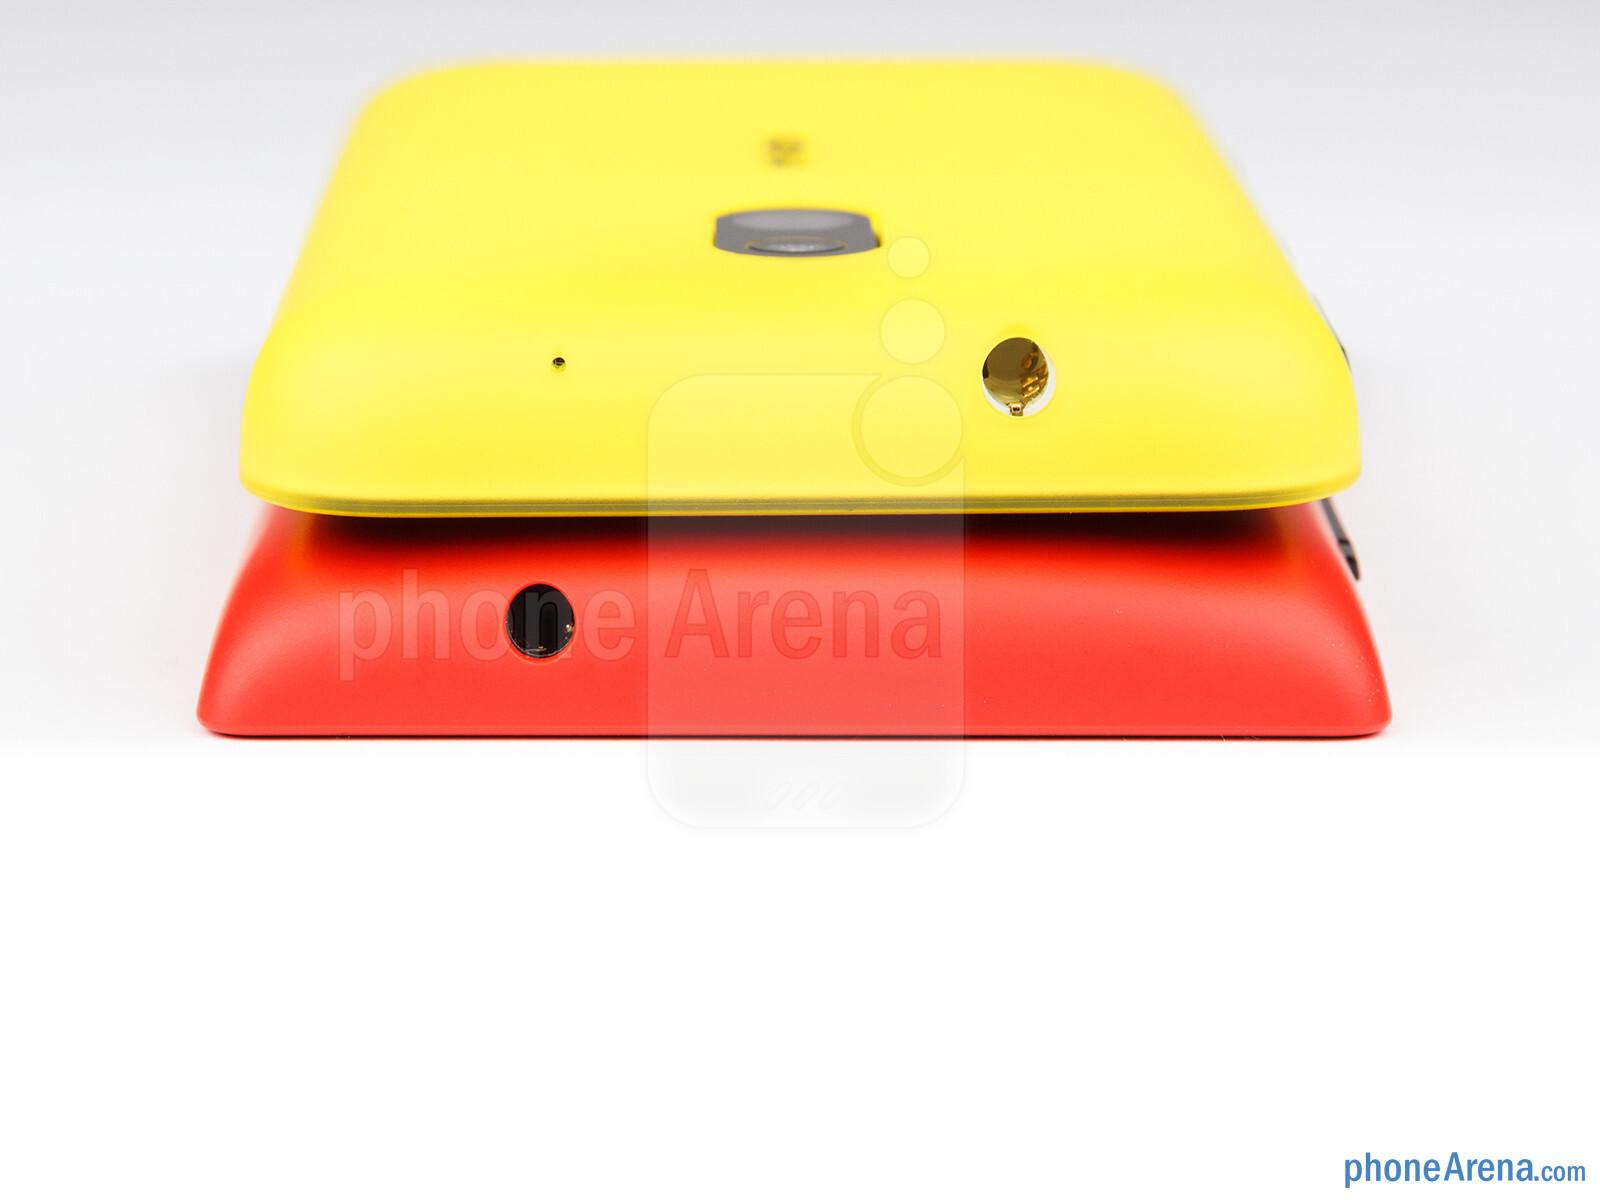 Nokia Lumia 520 vs Nokia Lumia 620